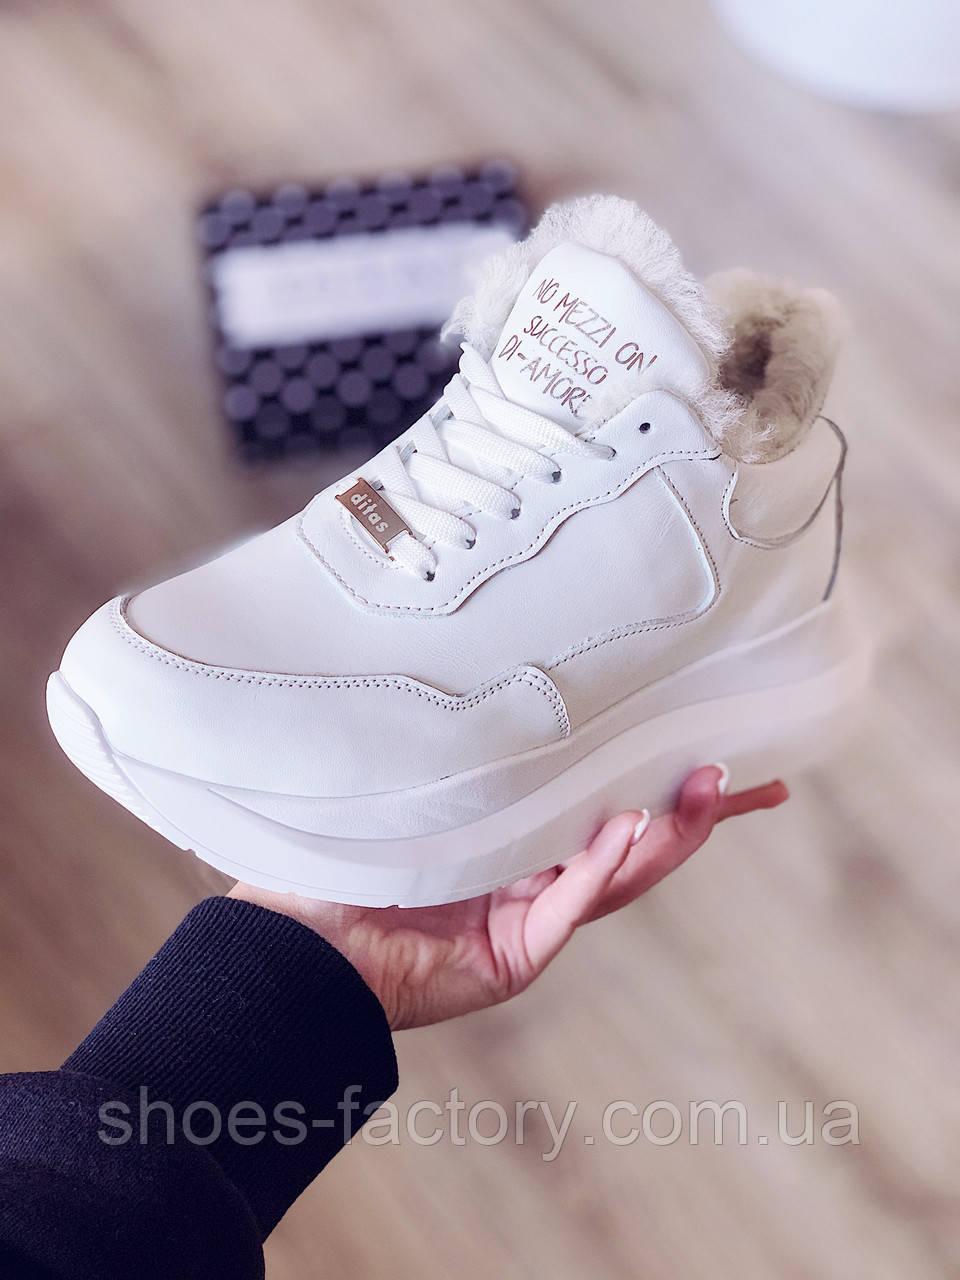 Зимние женские кроссовки Ditas Белые кожа на меху